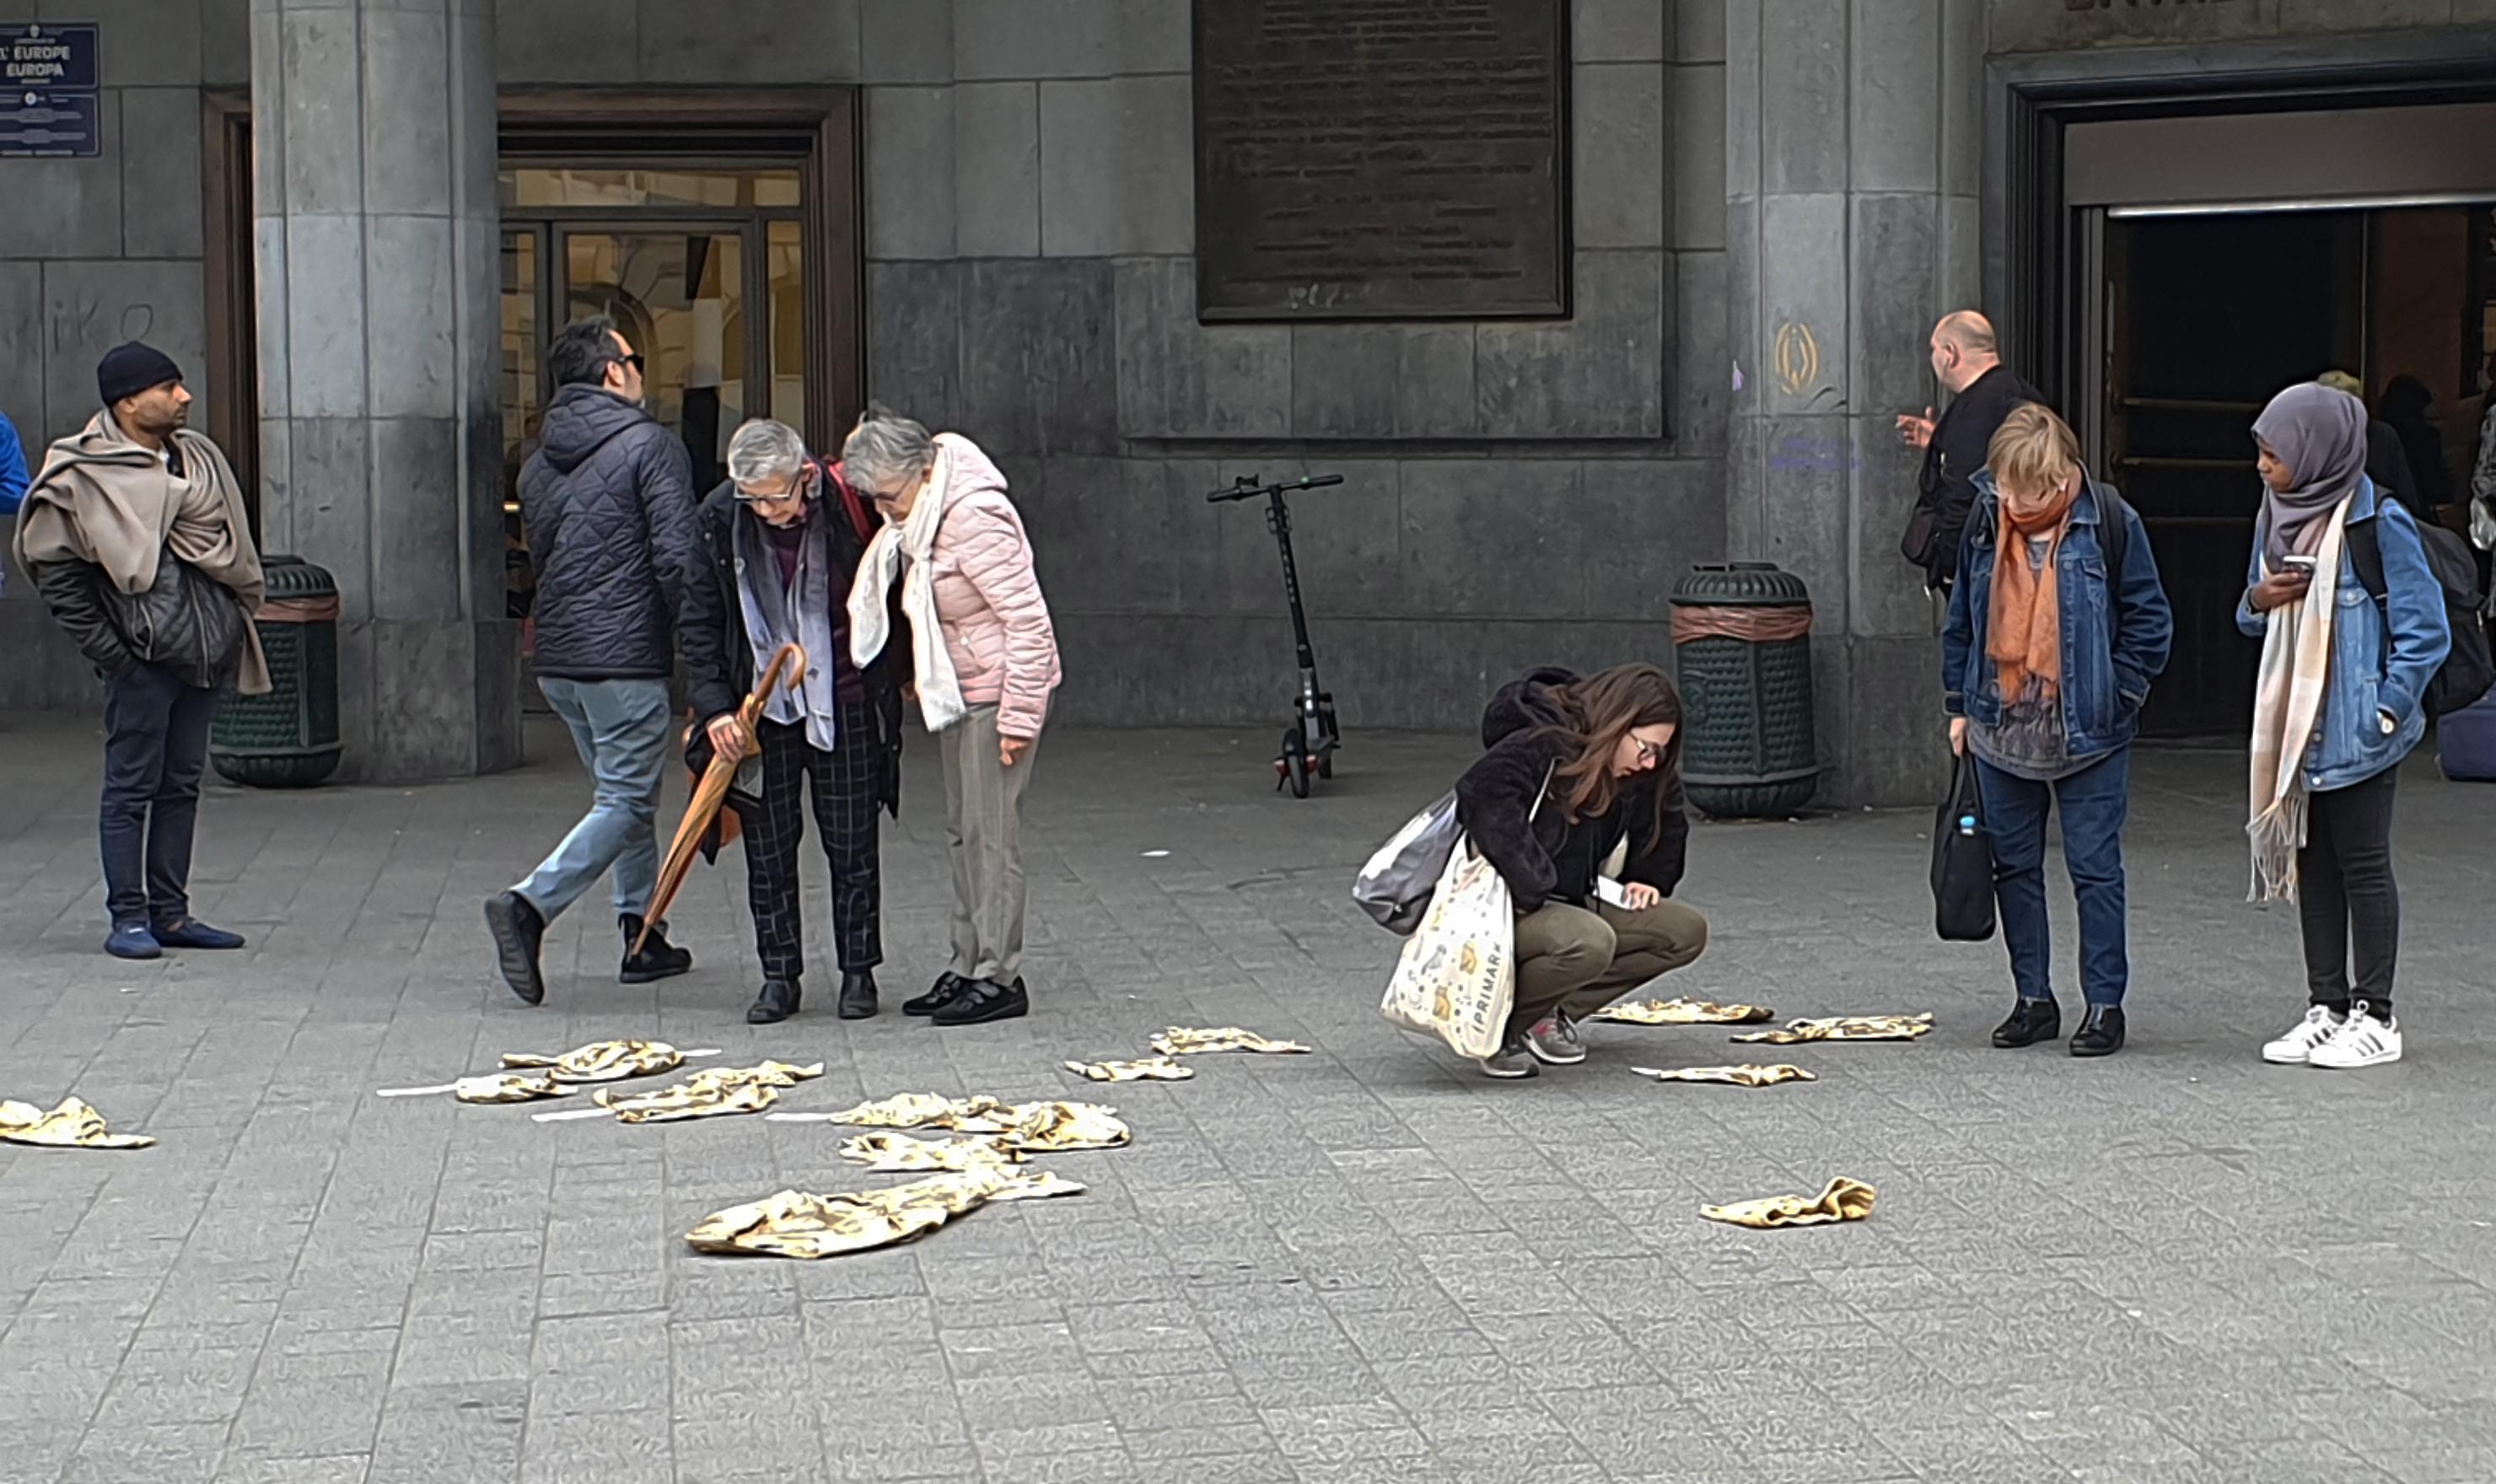 Artistieke interventie over de rechten van vluchtelingenkinderen